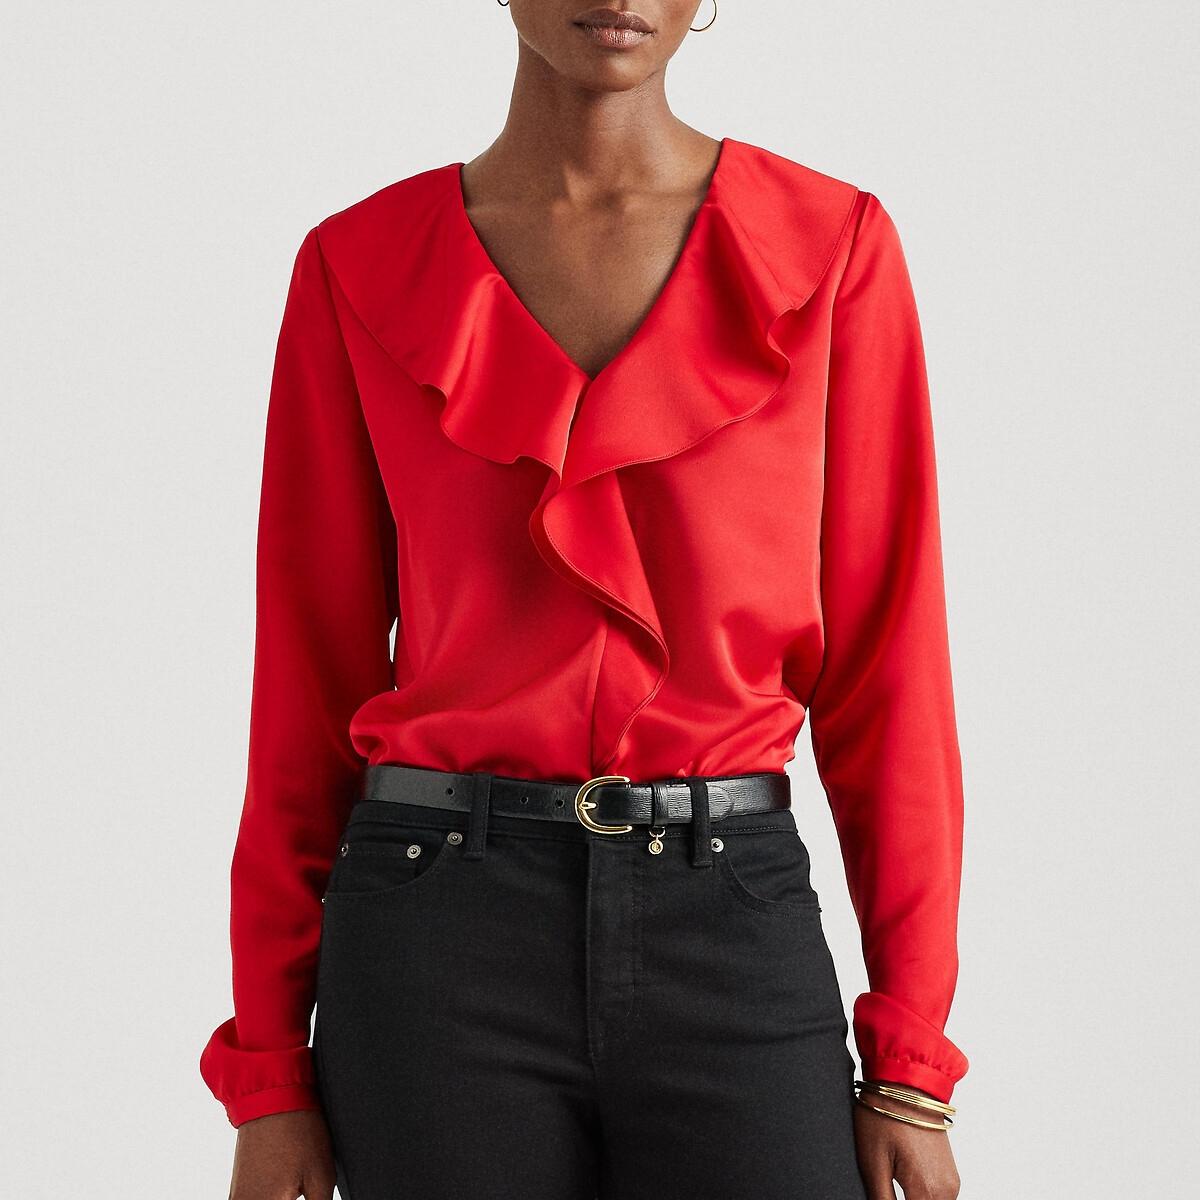 Блузка LaRedoute С v-образным вырезом и воланом длинные рукава 40 (FR) - 46 (RUS) красный рубашка laredoute с v образным вырезом и длинными рукавами 46 fr 52 rus бежевый